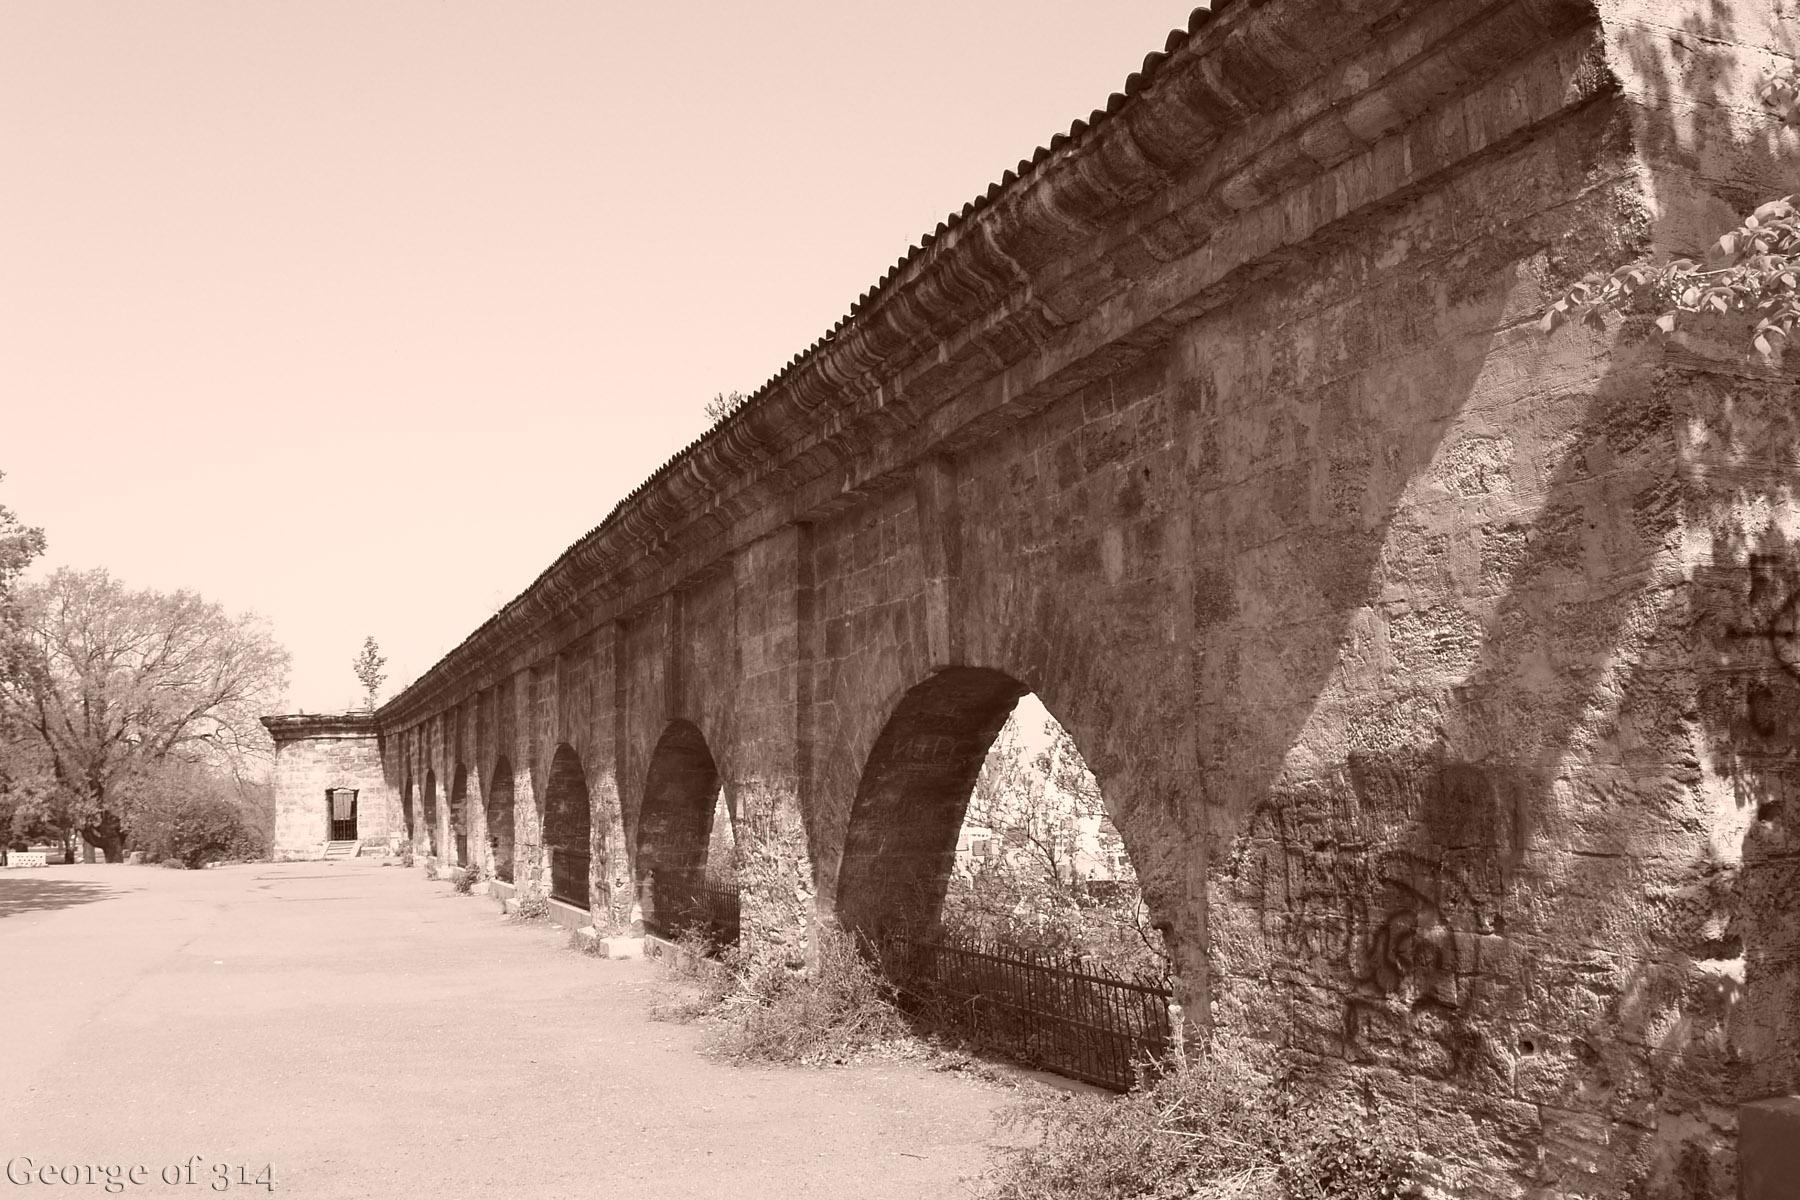 Башта та аркада (північна стіна Карантину), парк ім. Т. Шевченка, Одеса